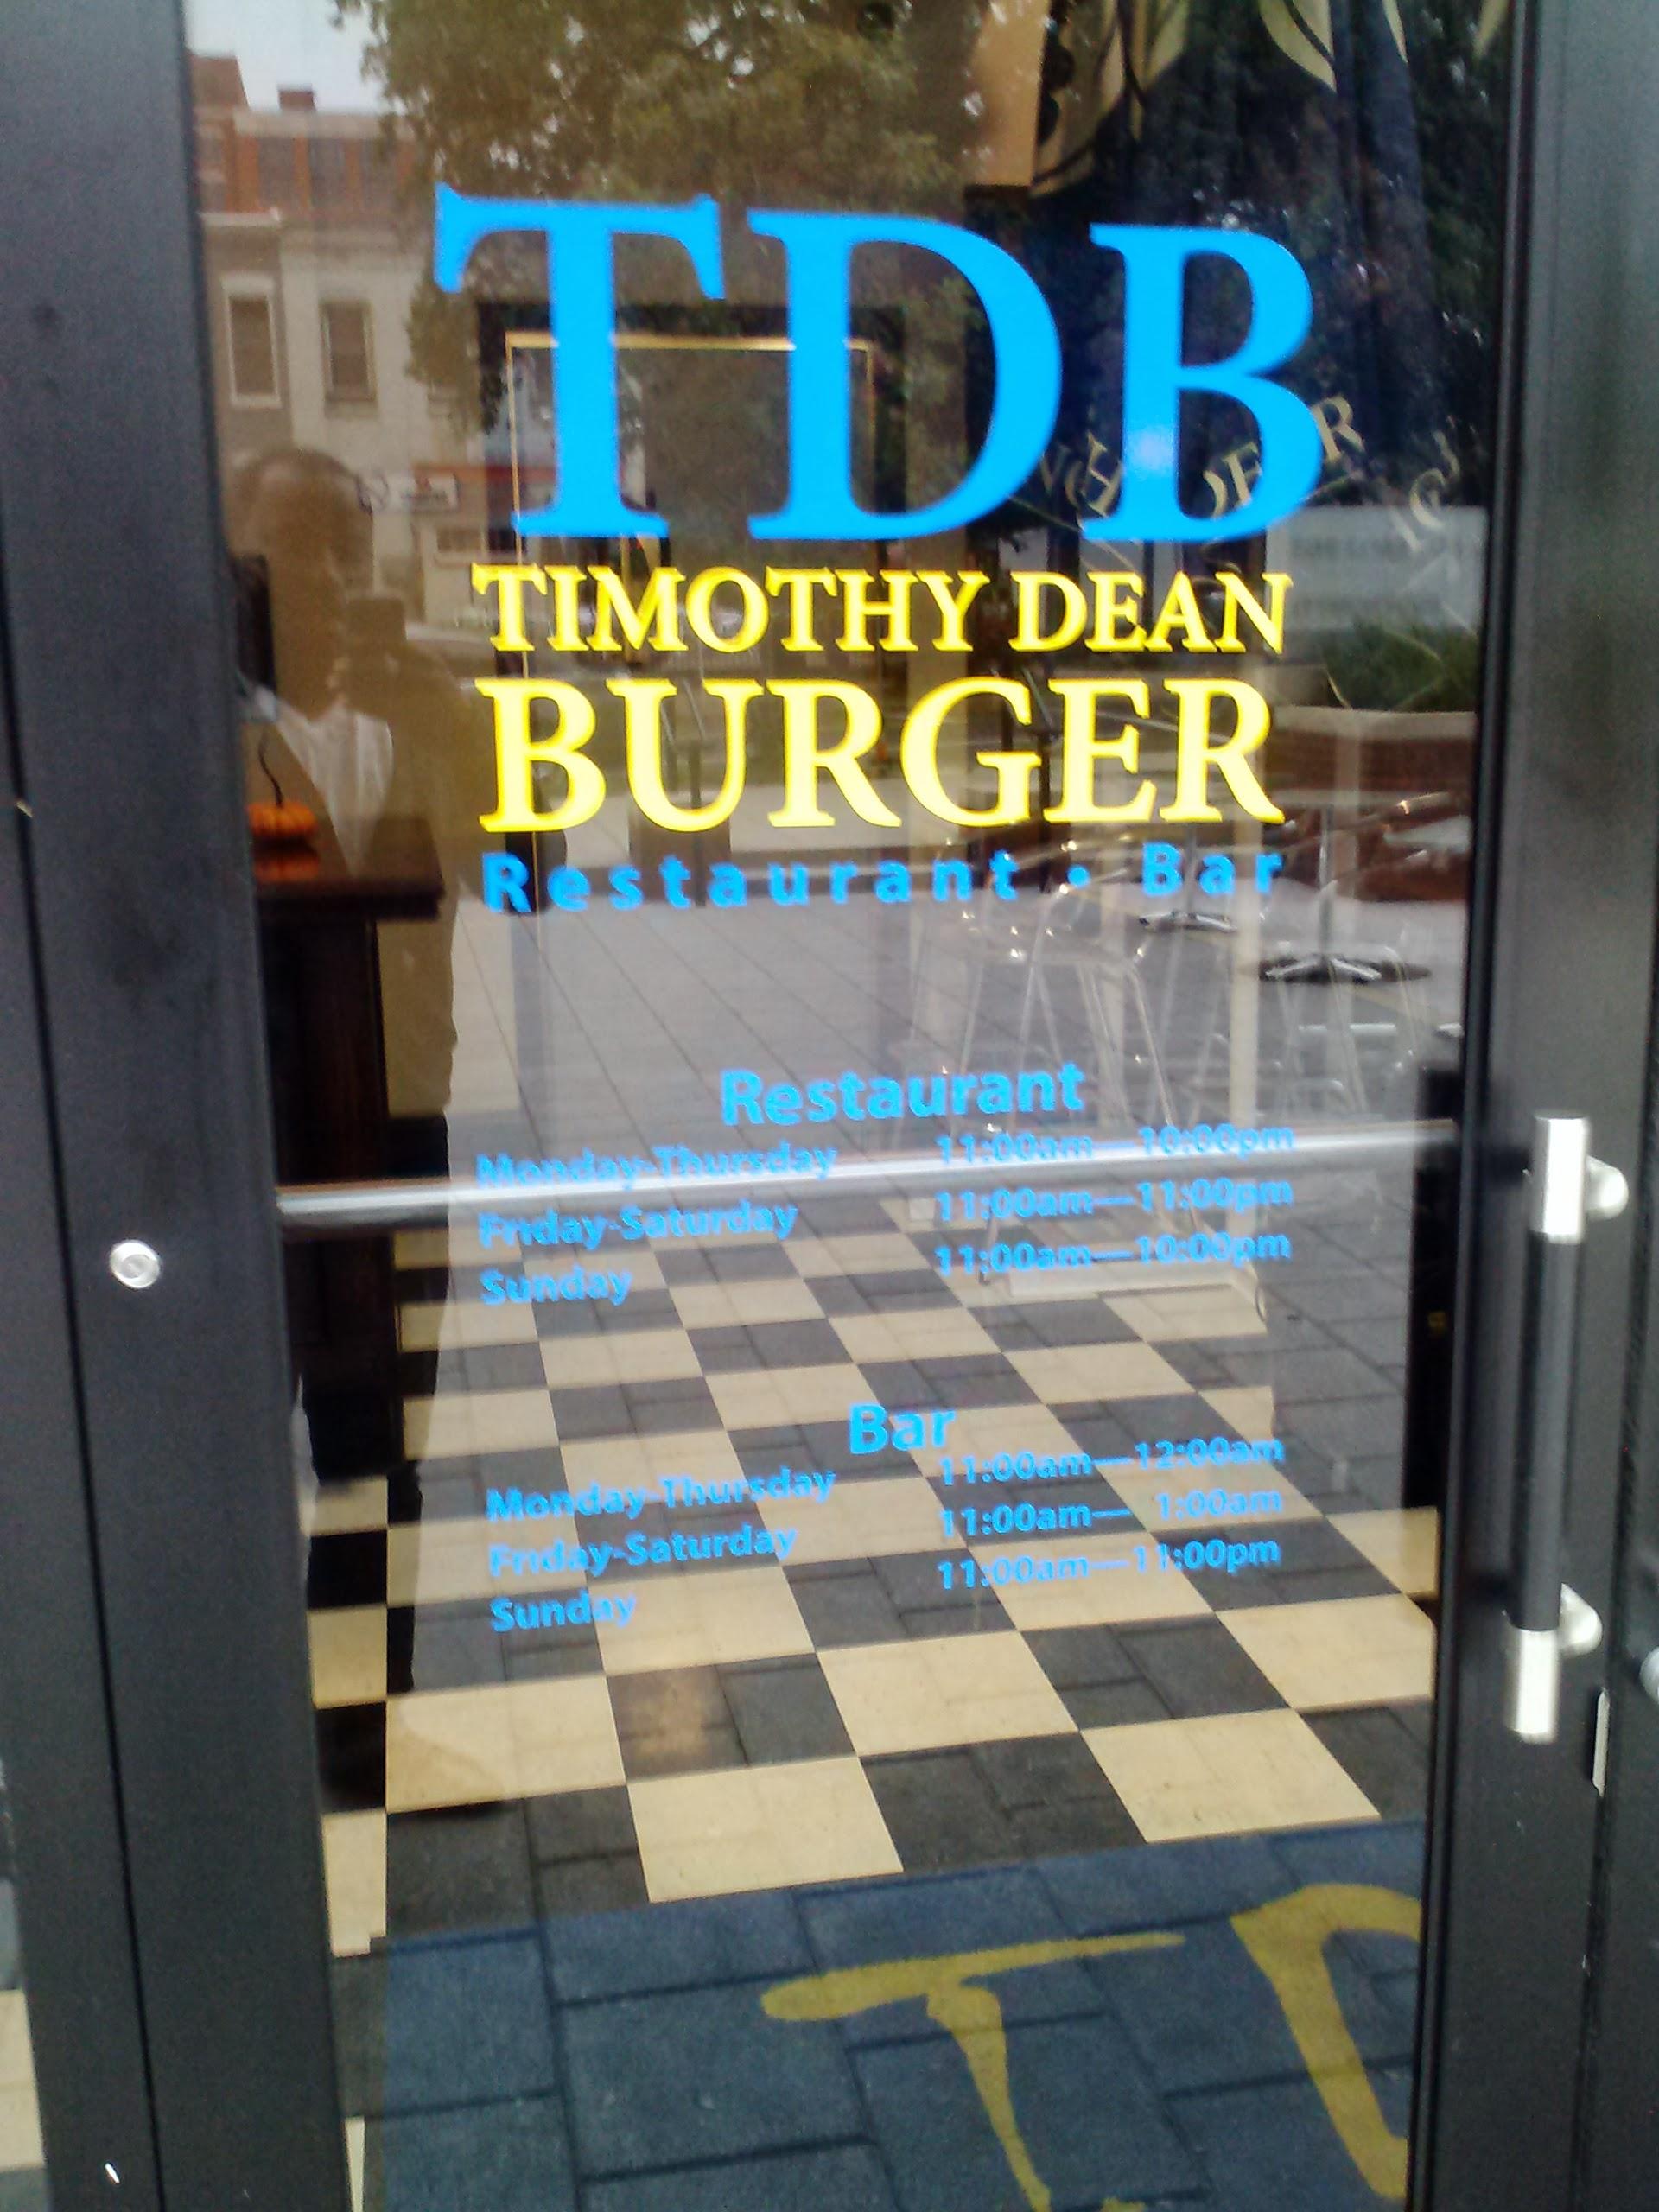 TDB Burger